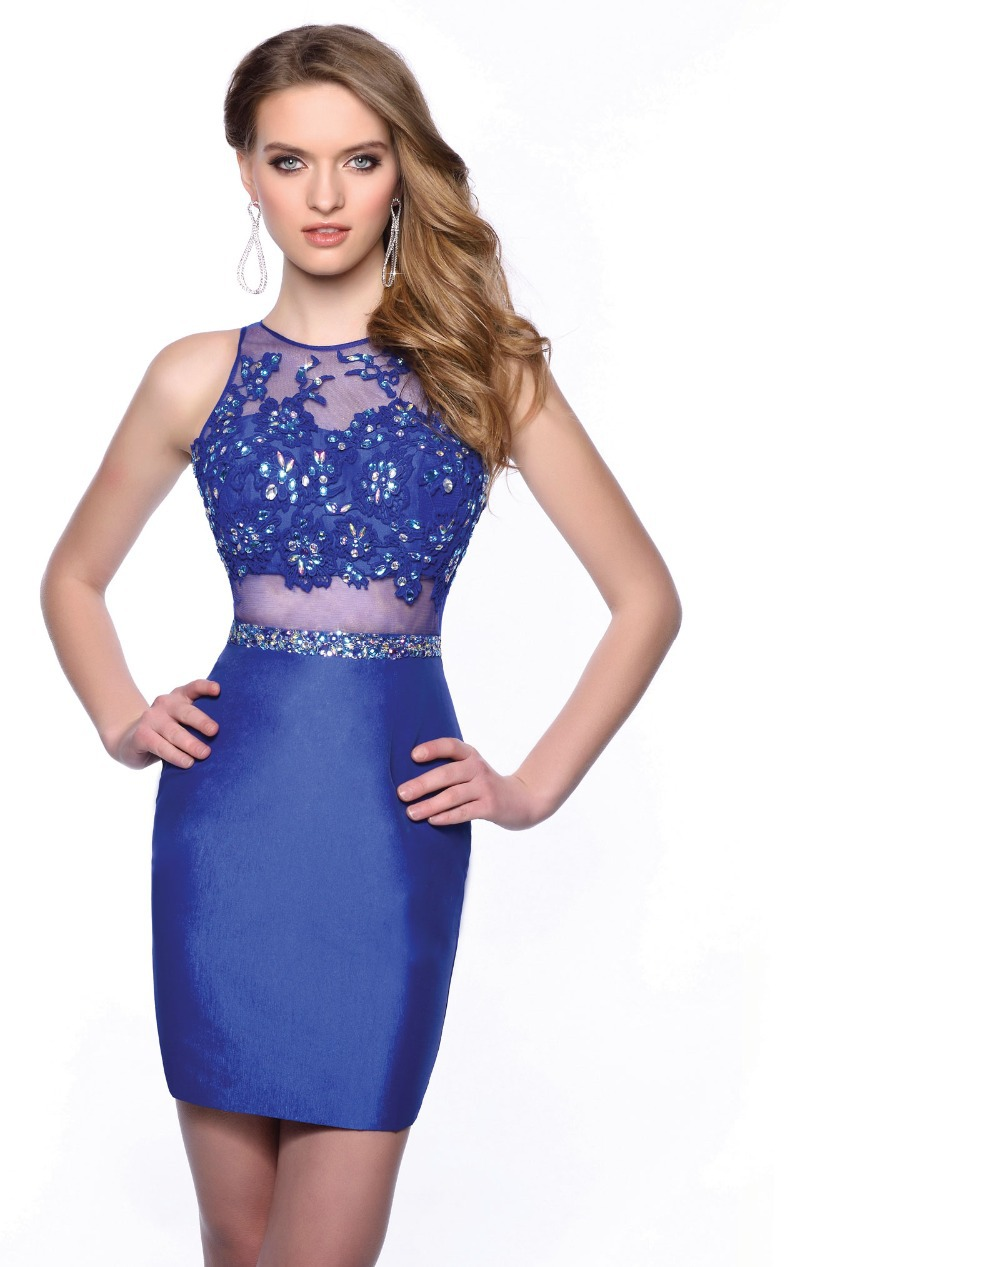 Ver imagen de vestido de fiesta